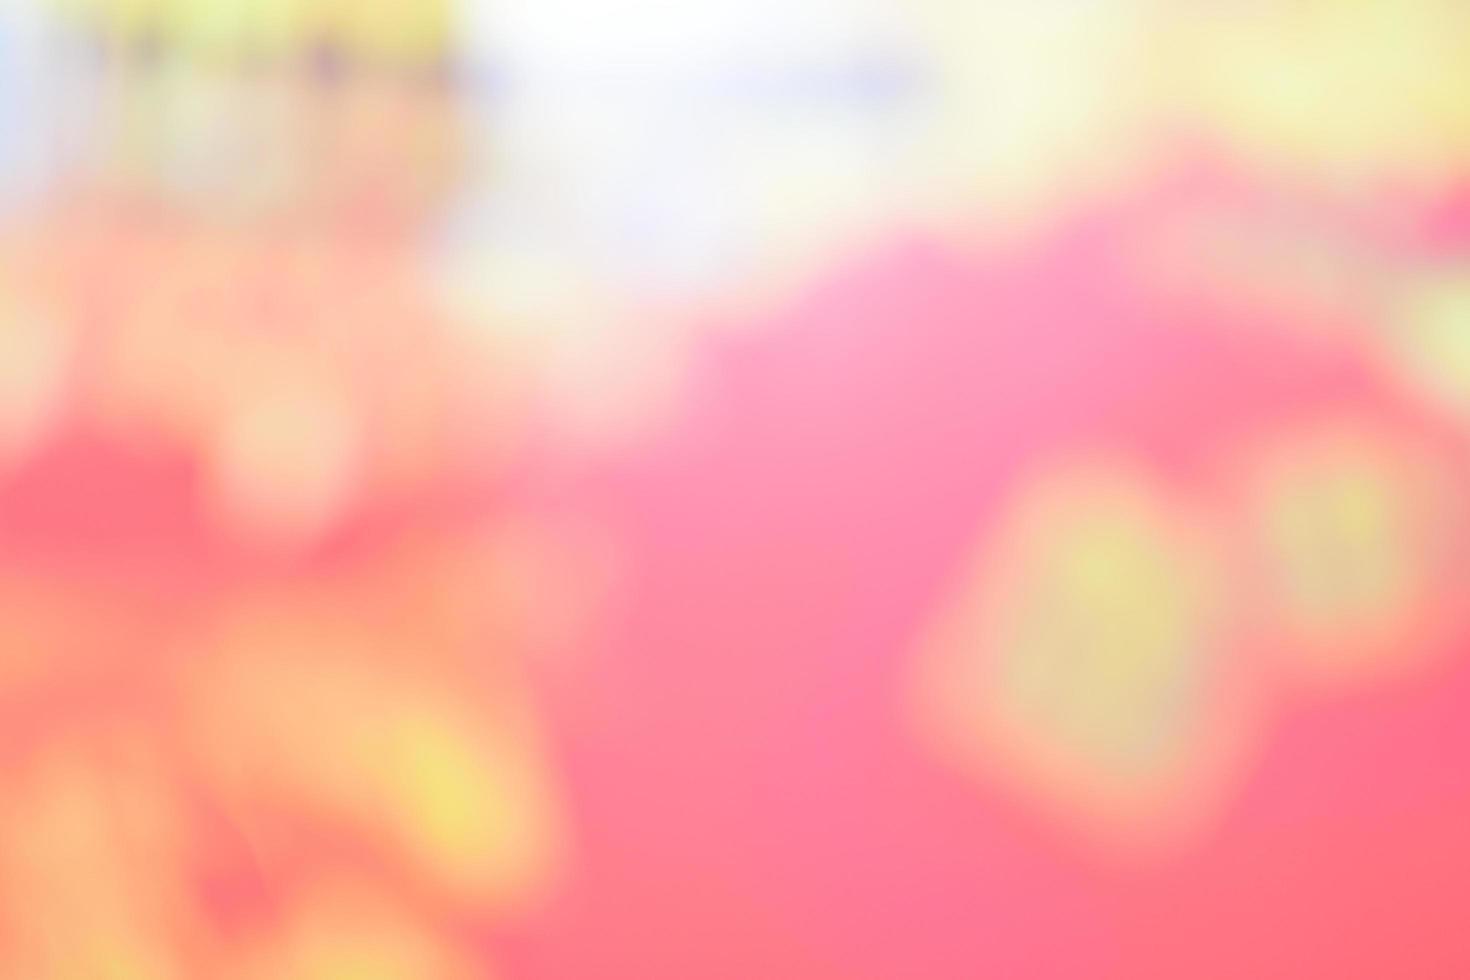 bunter unscharfer Hintergrund foto